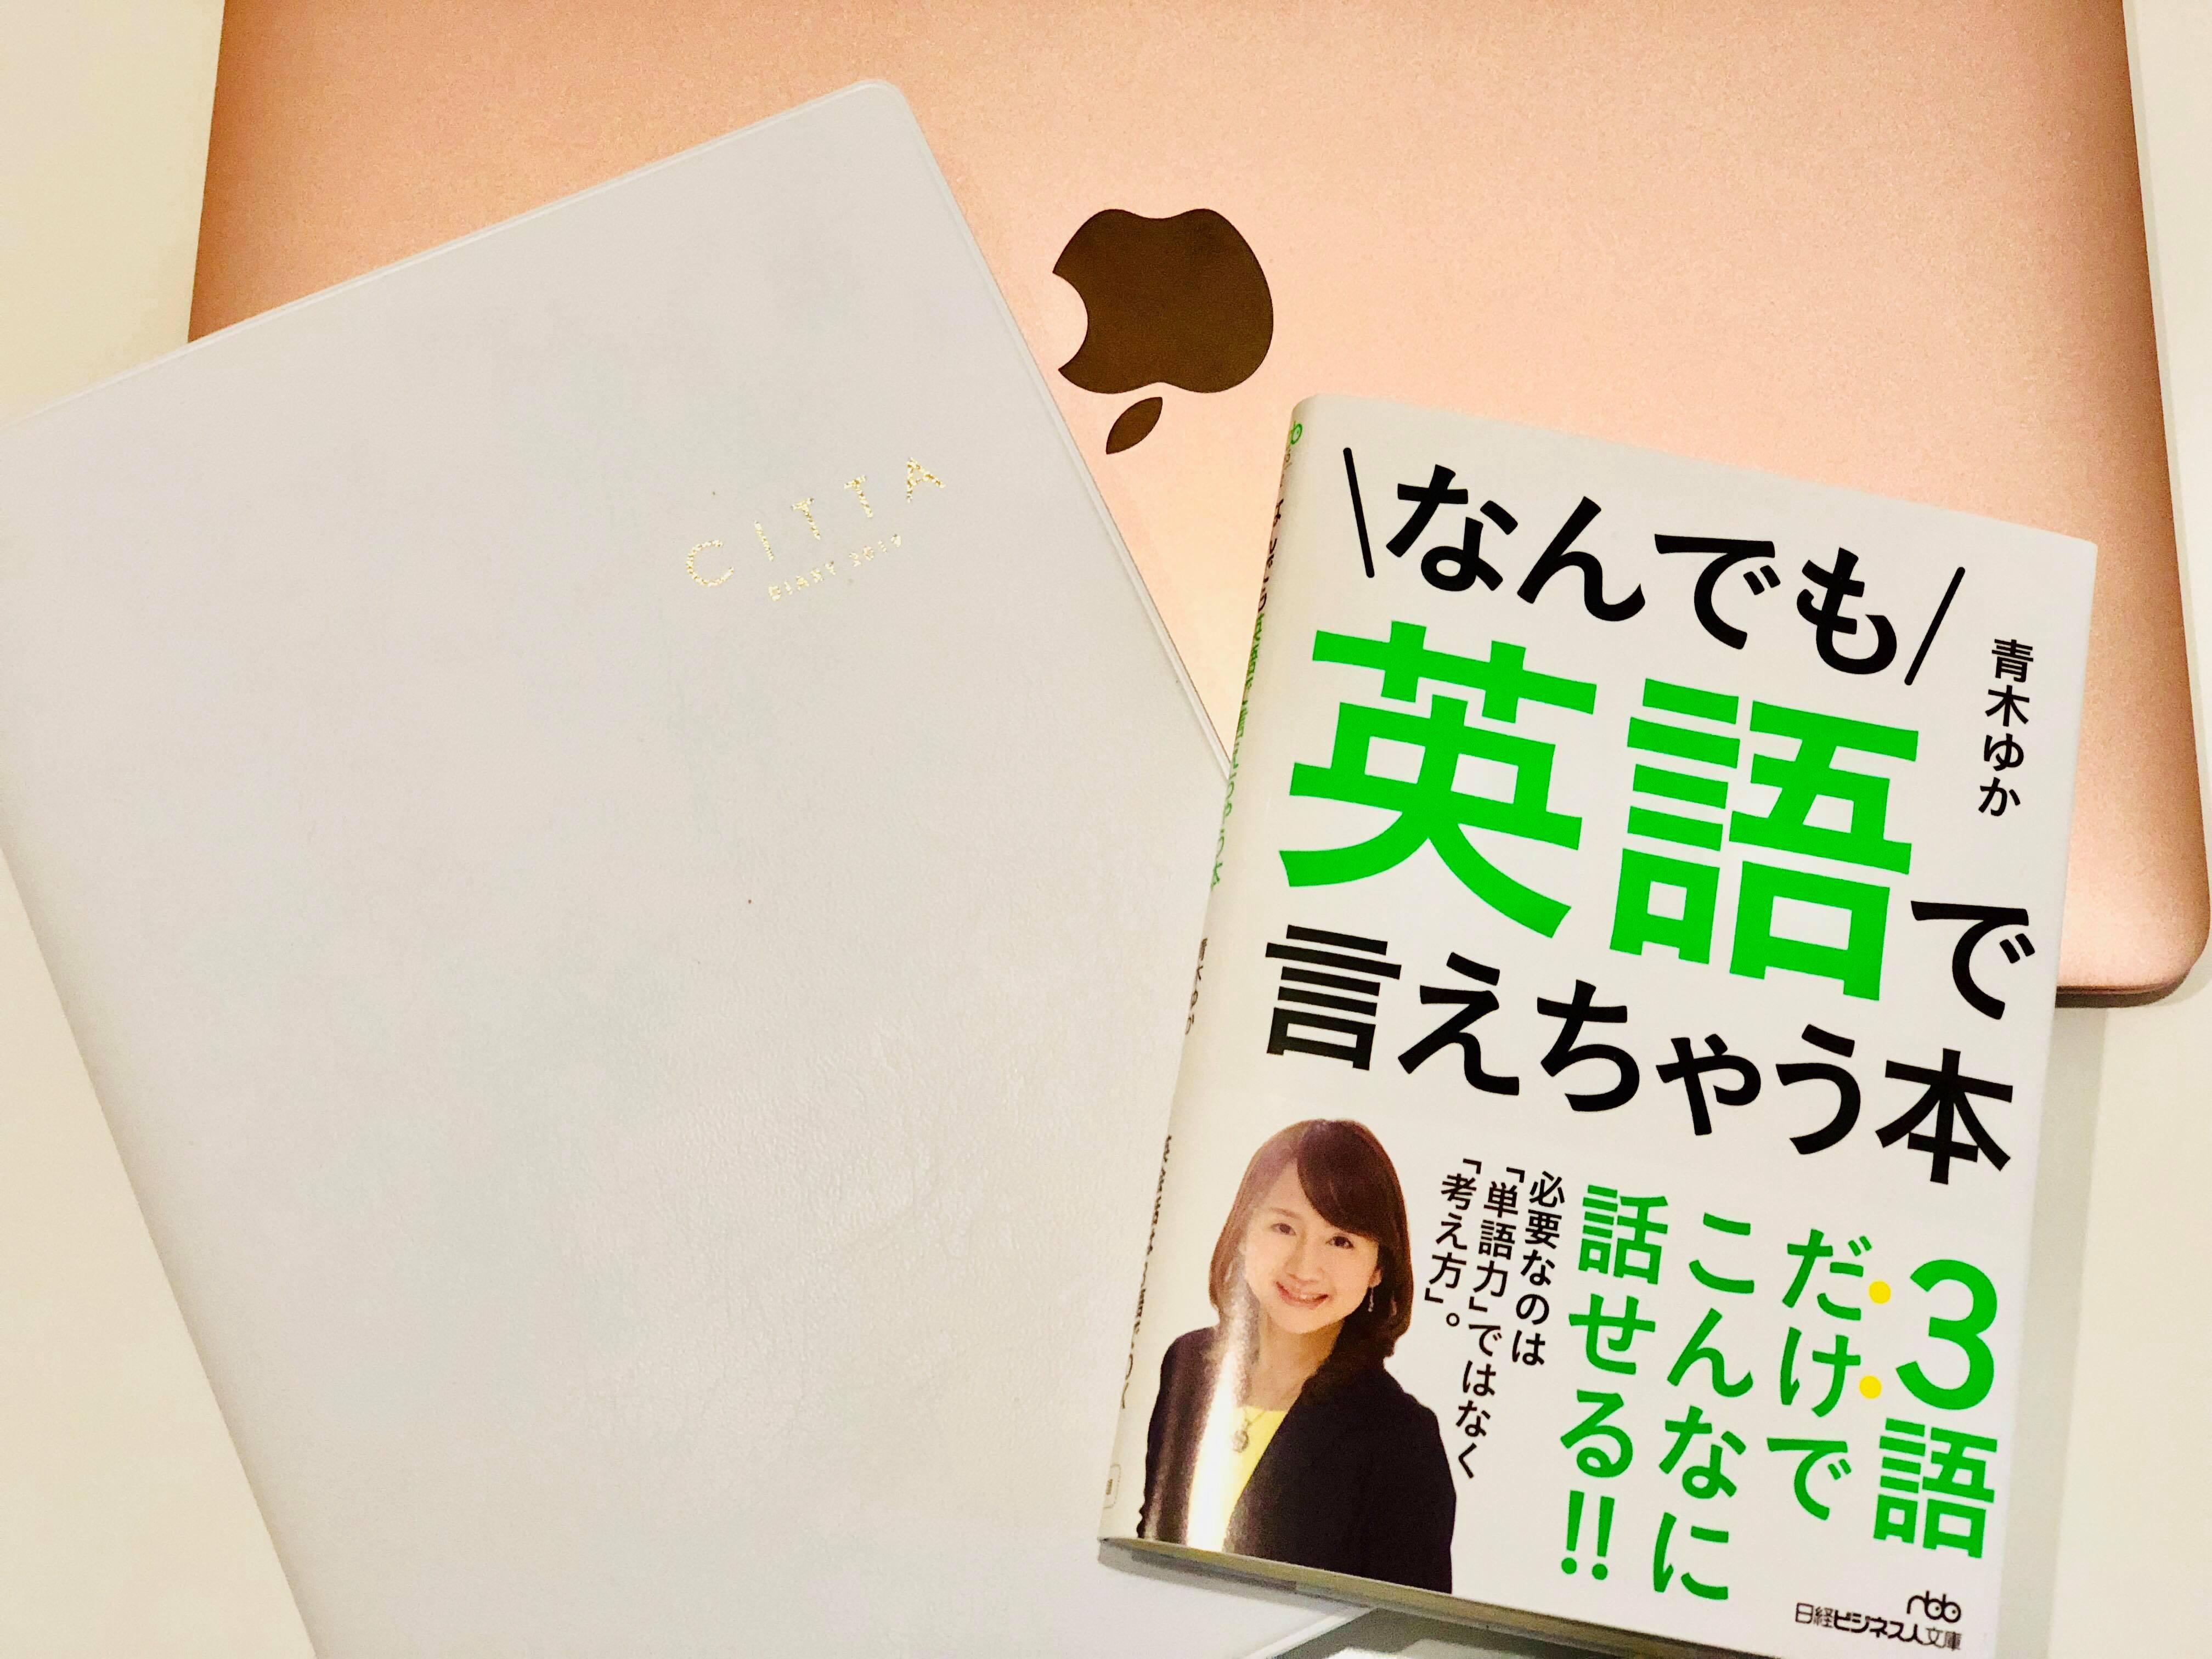 「なんでも英語で言えちゃう本」が文庫化されました!